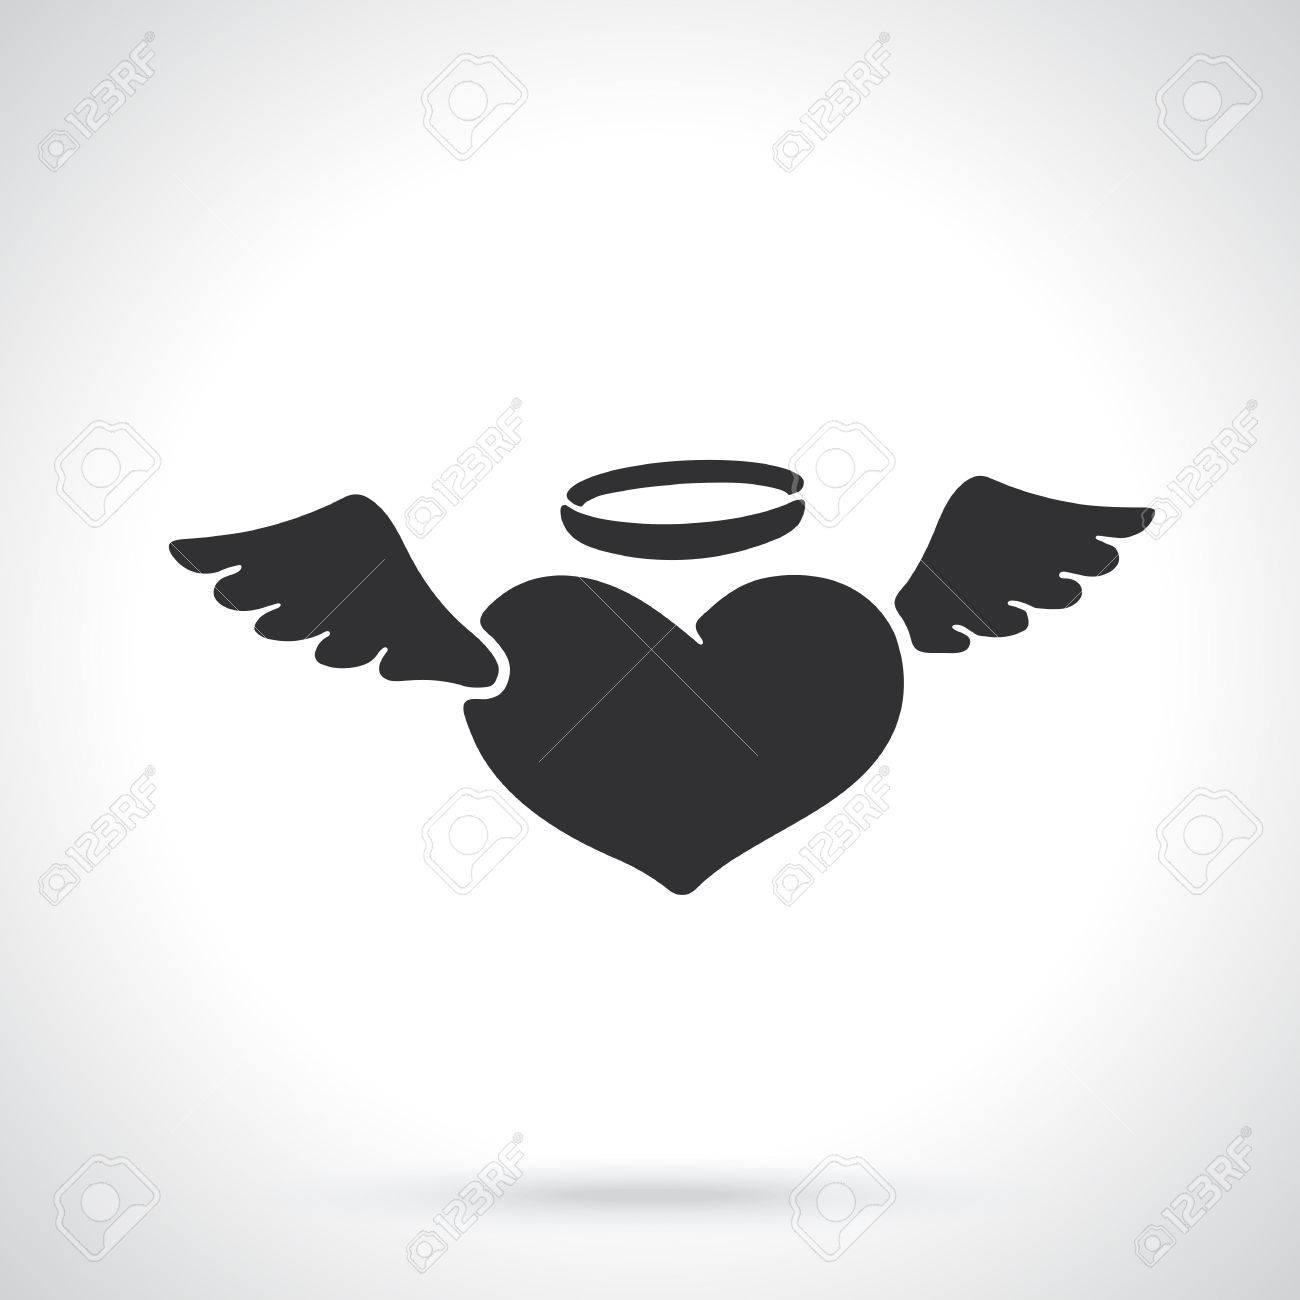 ベクトルの図 バレンタインの記号です エンジェル ハートの翼と光輪のシルエット テンプレートまたはパターン グリーティング カード 壁紙 エンブレムの装飾のイラスト素材 ベクタ Image 70027948